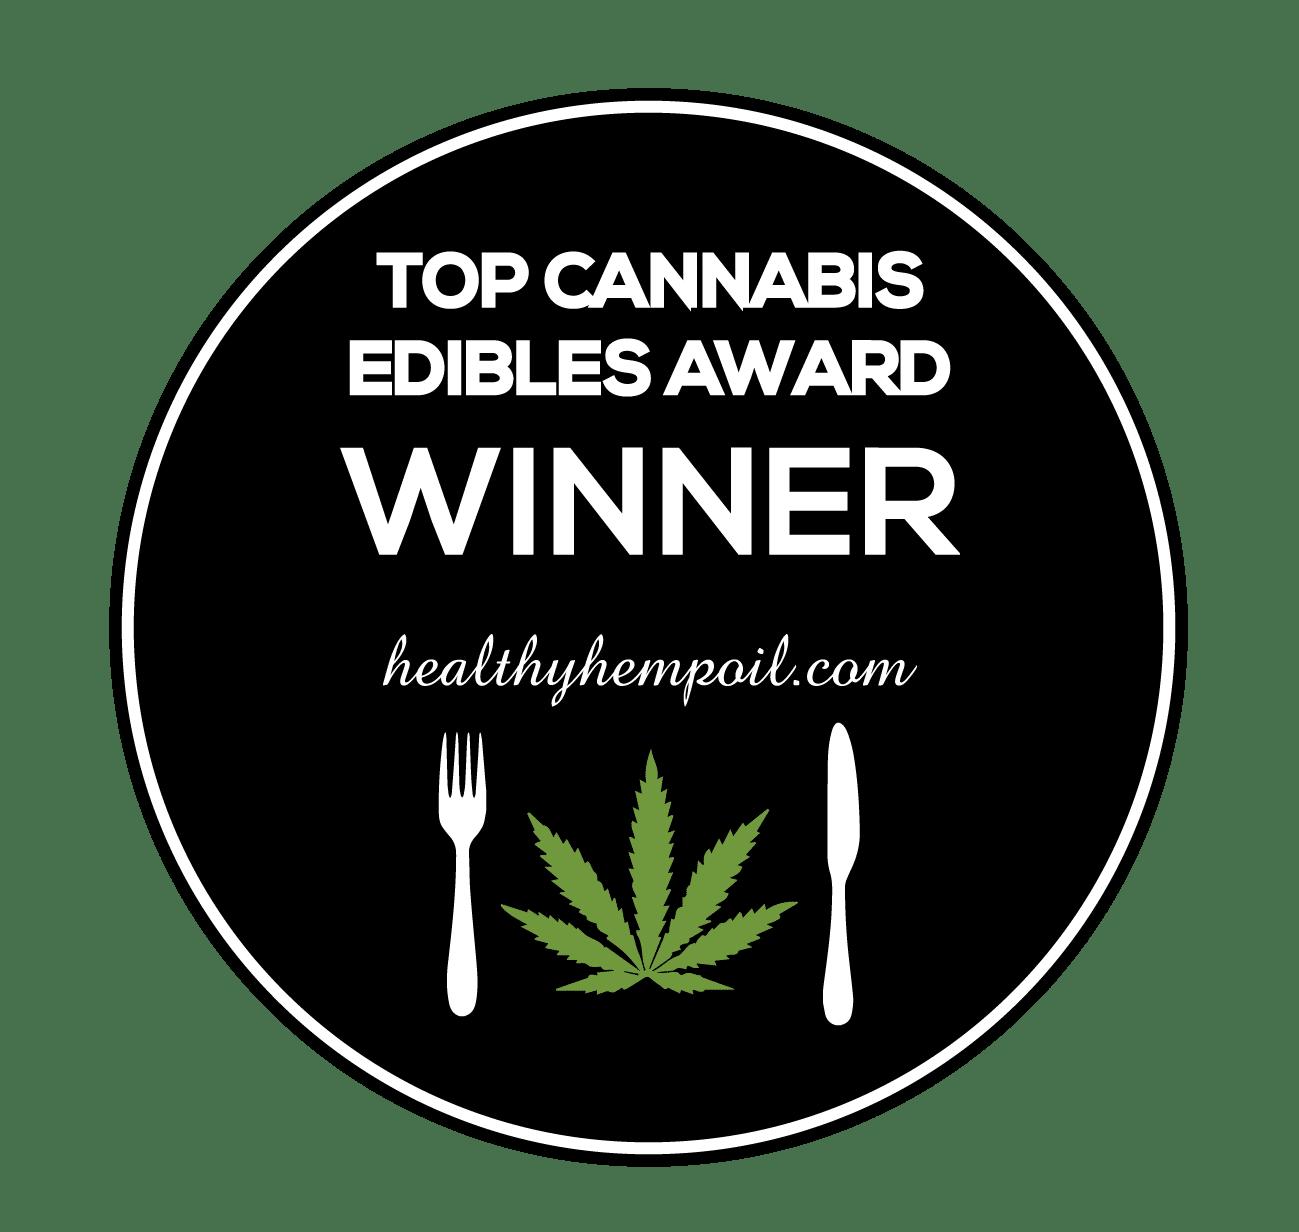 cannabisedibles_badge